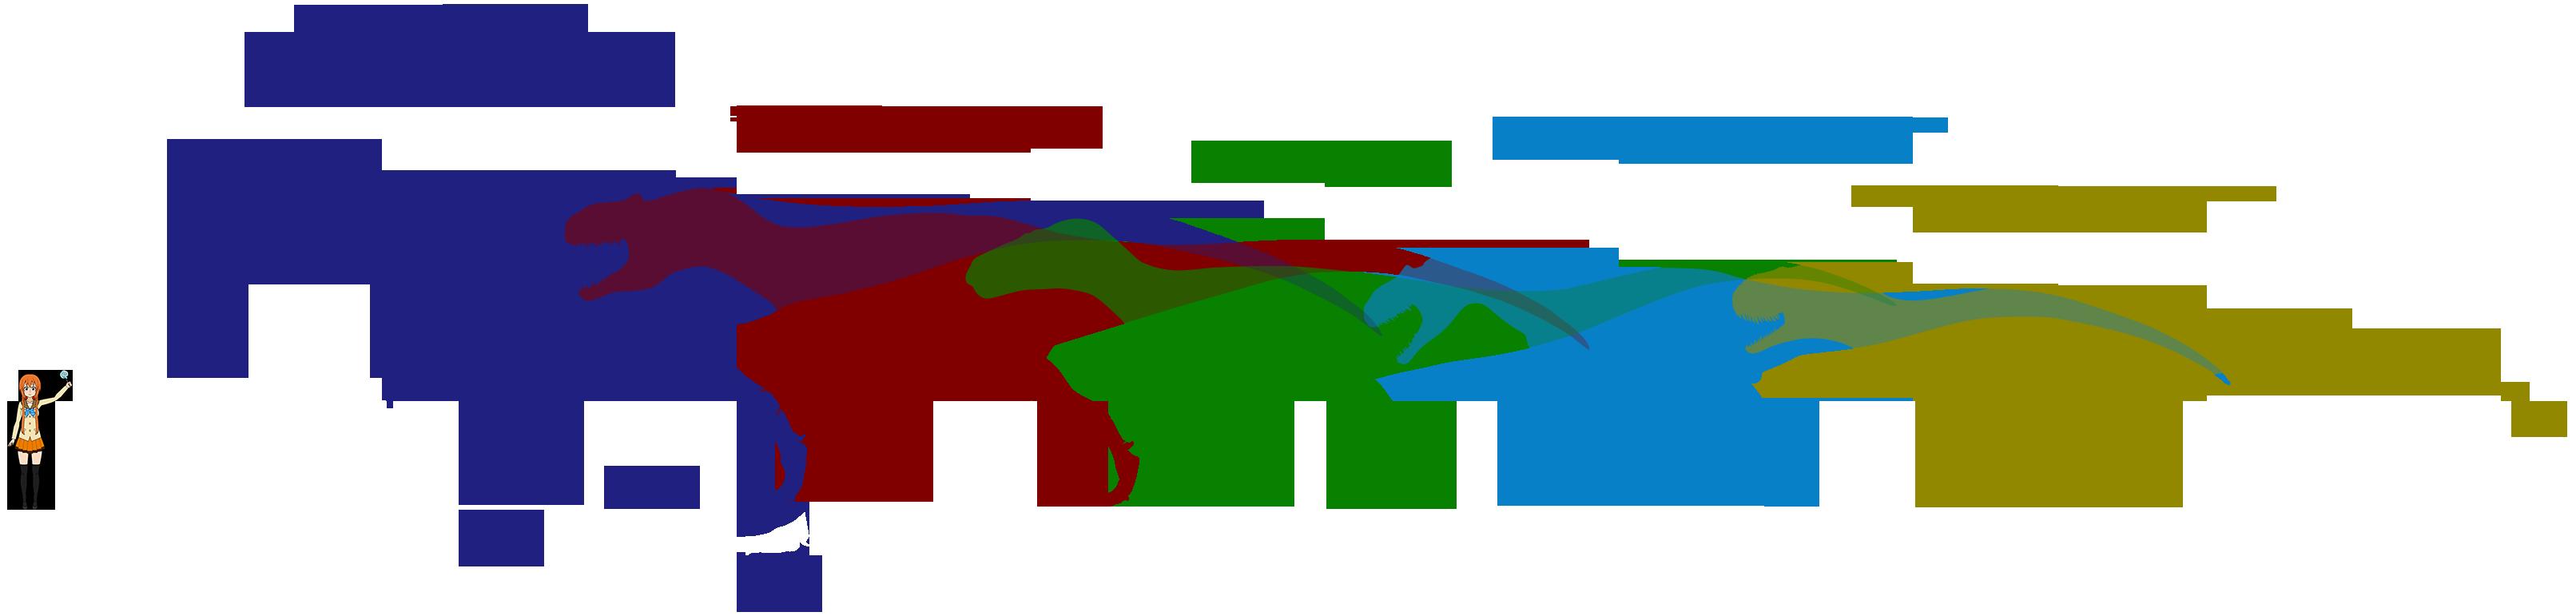 Top 10 terópodos más grandes